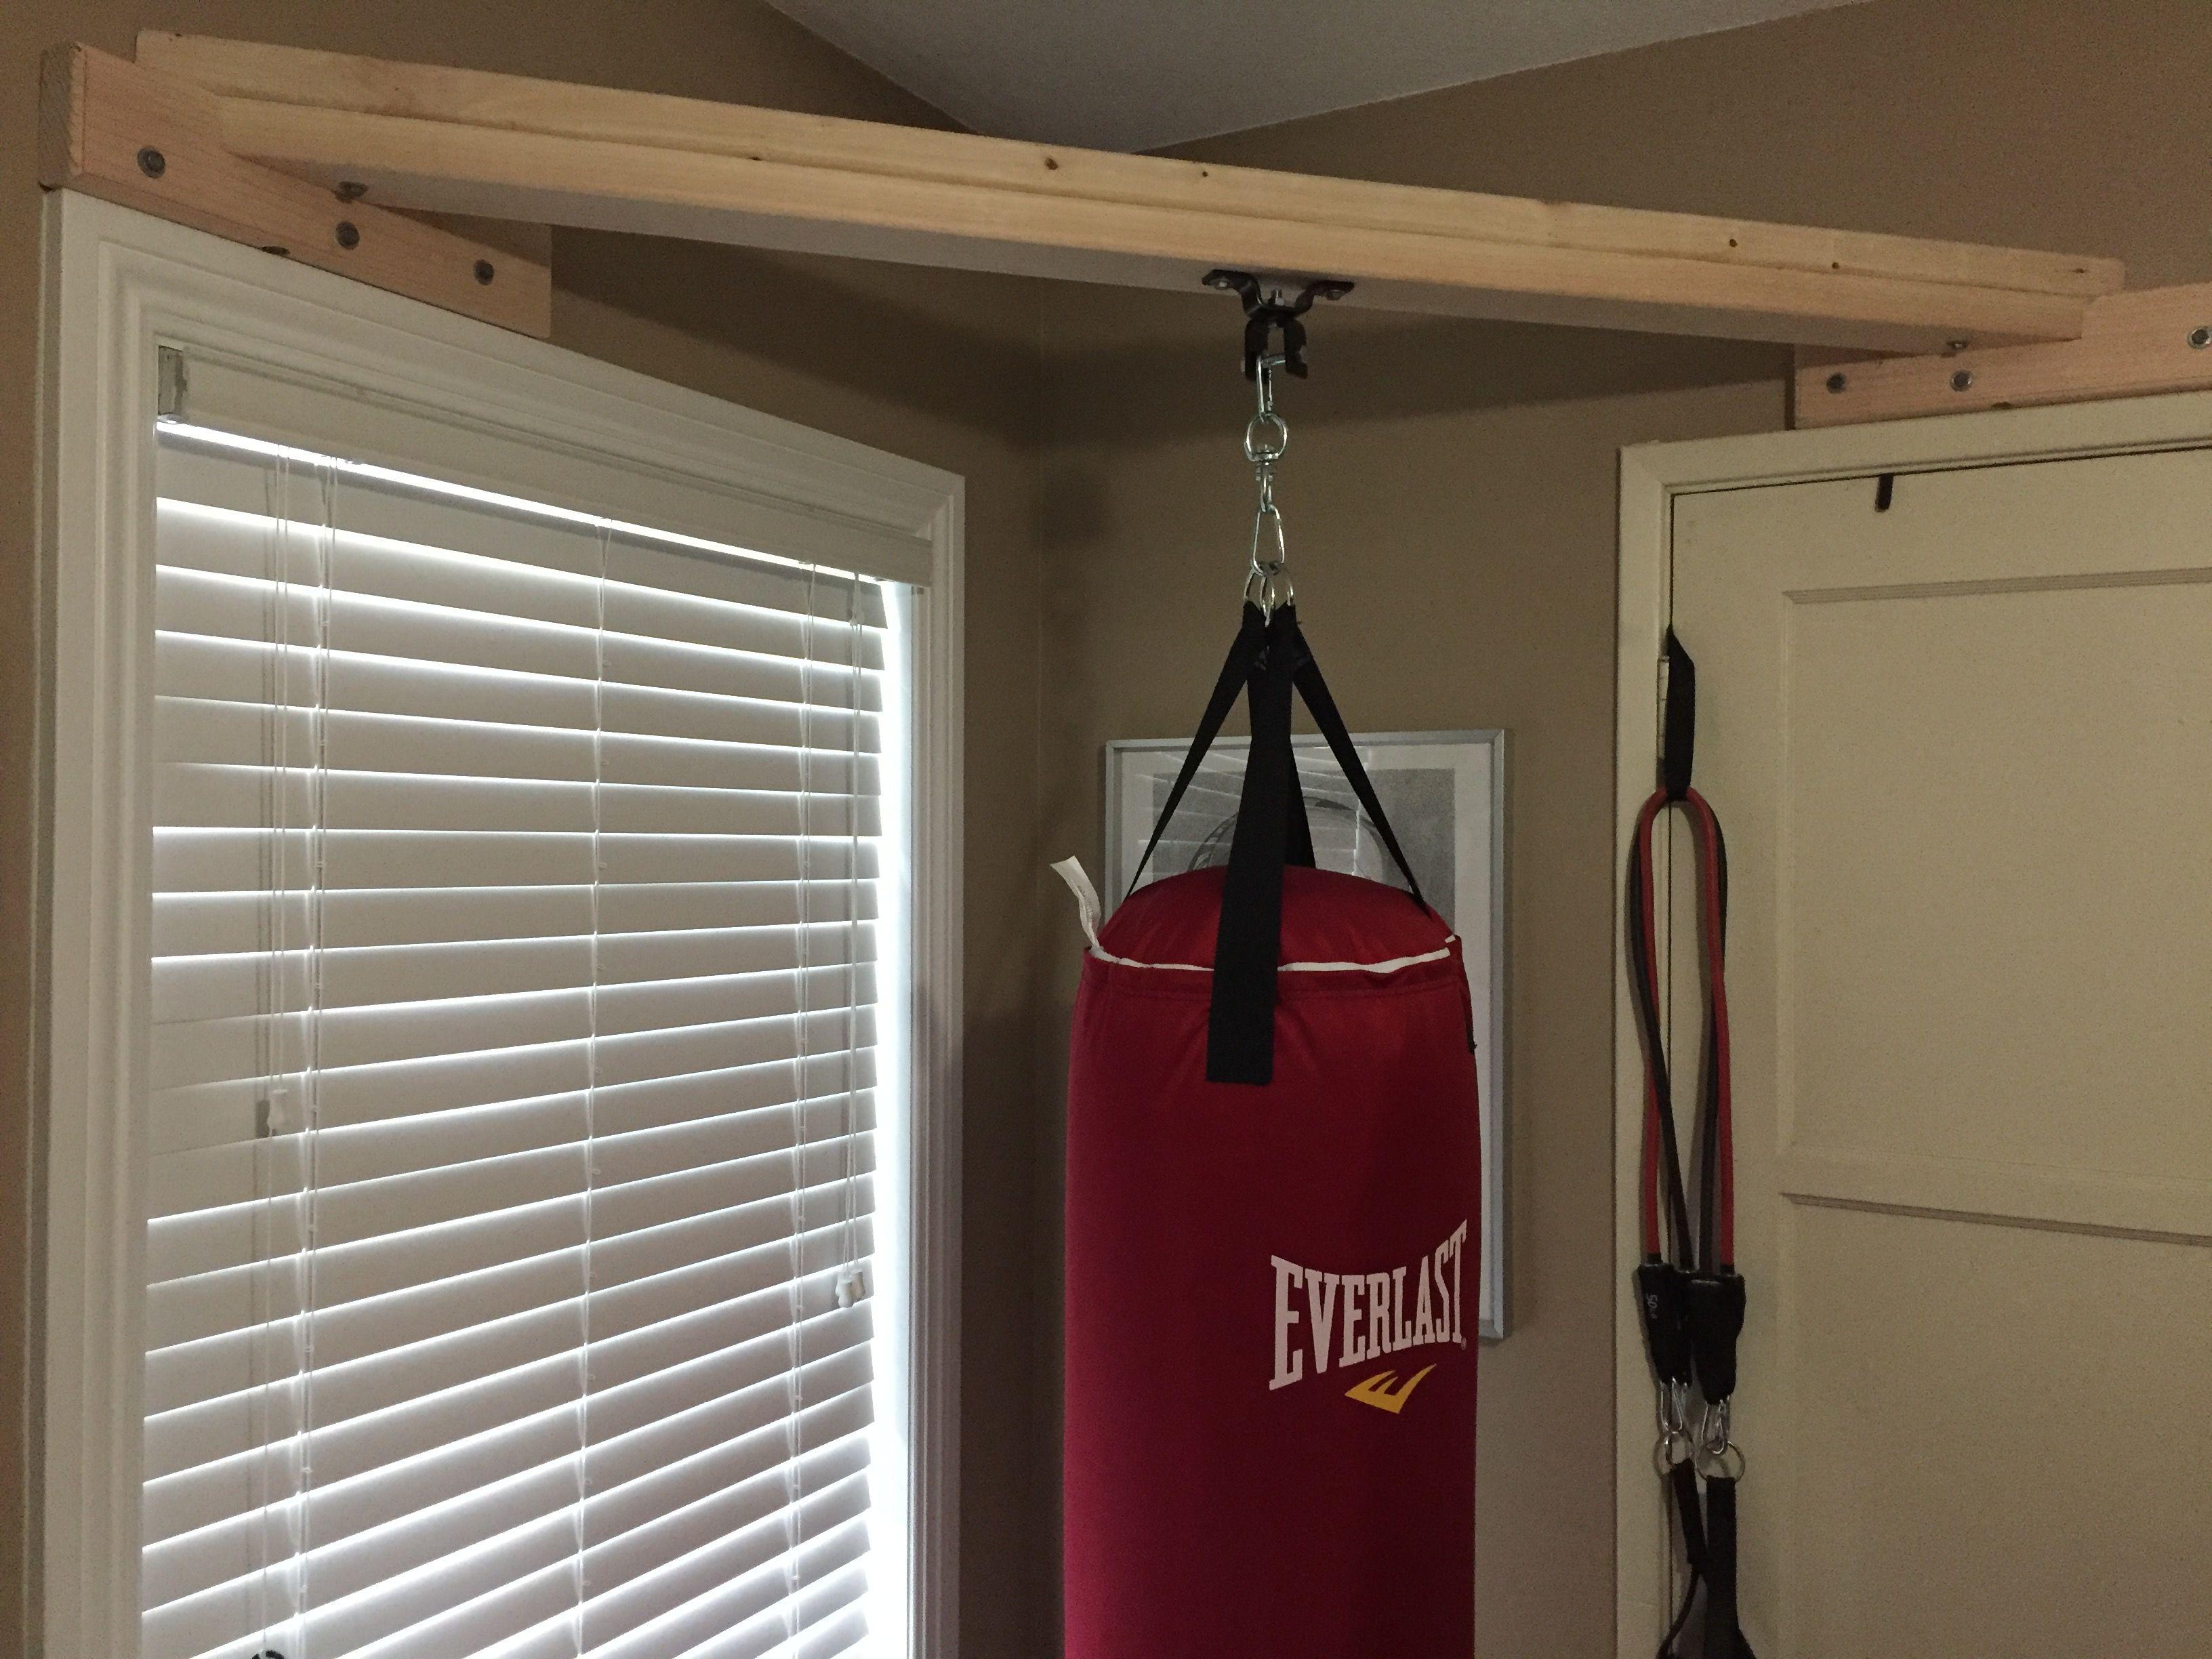 Diy 2x4 punching bag mount 14 4in lag screws in wall